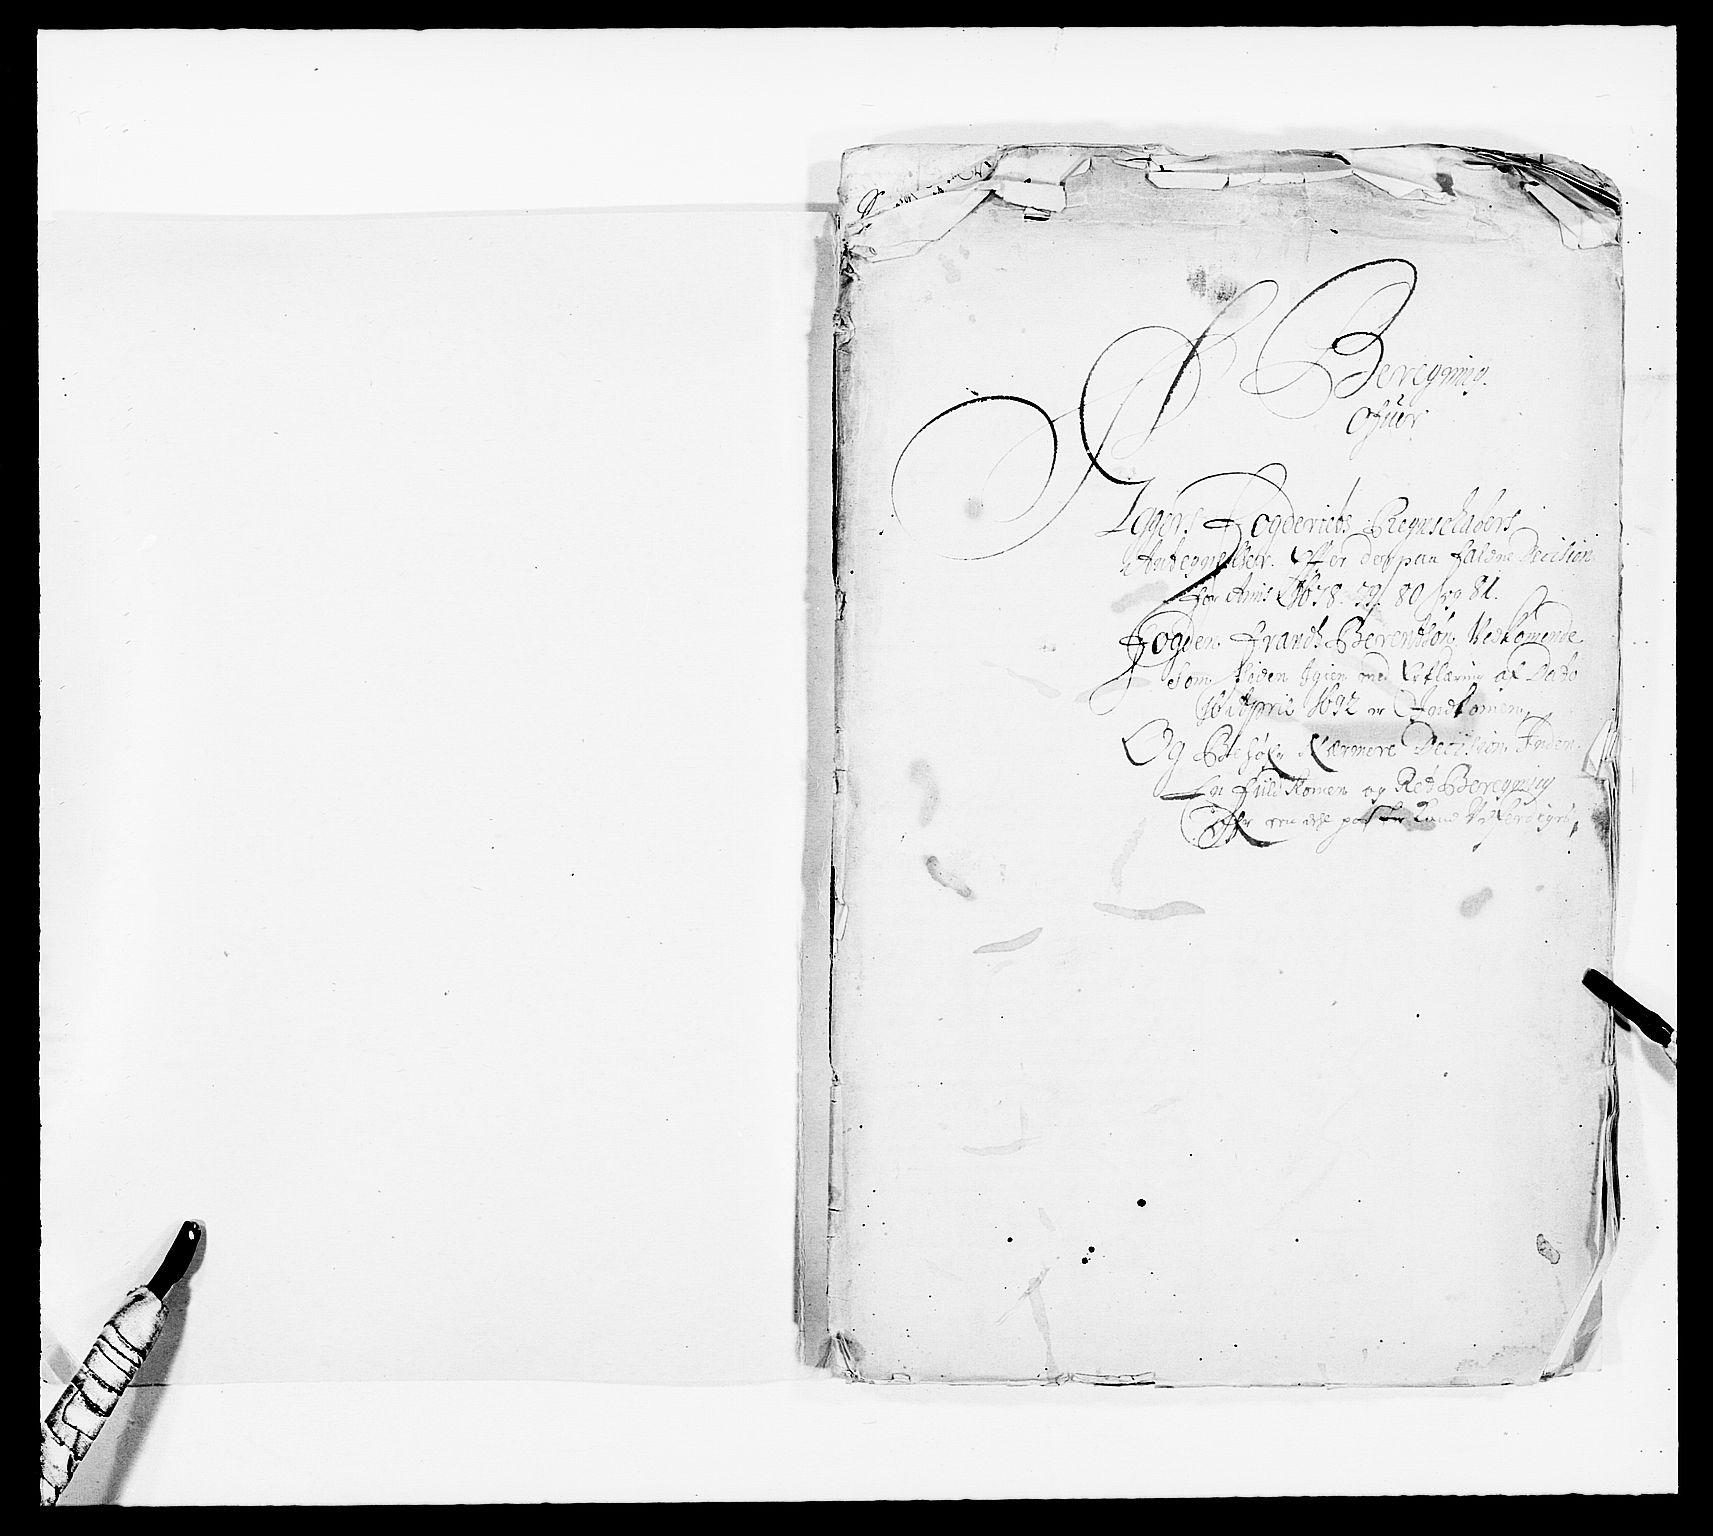 RA, Rentekammeret inntil 1814, Reviderte regnskaper, Fogderegnskap, R08/L0419: Fogderegnskap Aker, 1678-1681, s. 180